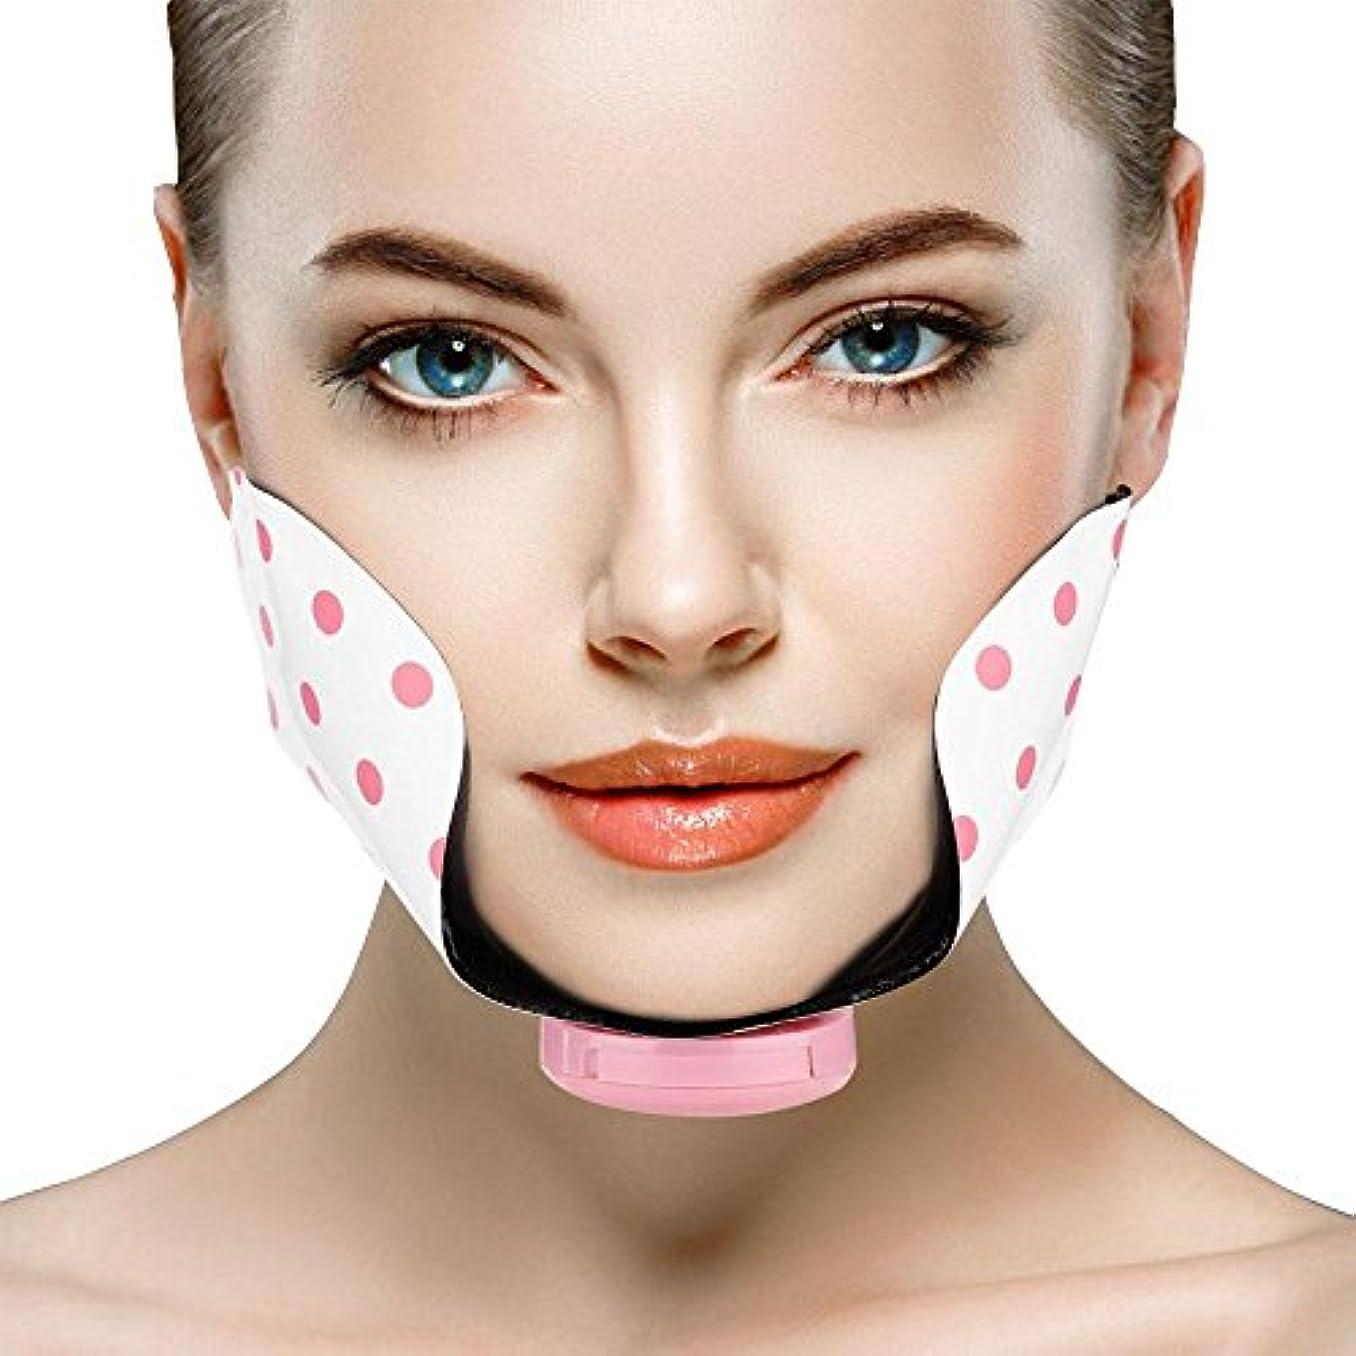 日常的にホット申し込む頬スリミングベルト、シリコーン電気調節可能なミニフェイシャル痩身リフティングファーミングパッドポイントマッサージパッチ